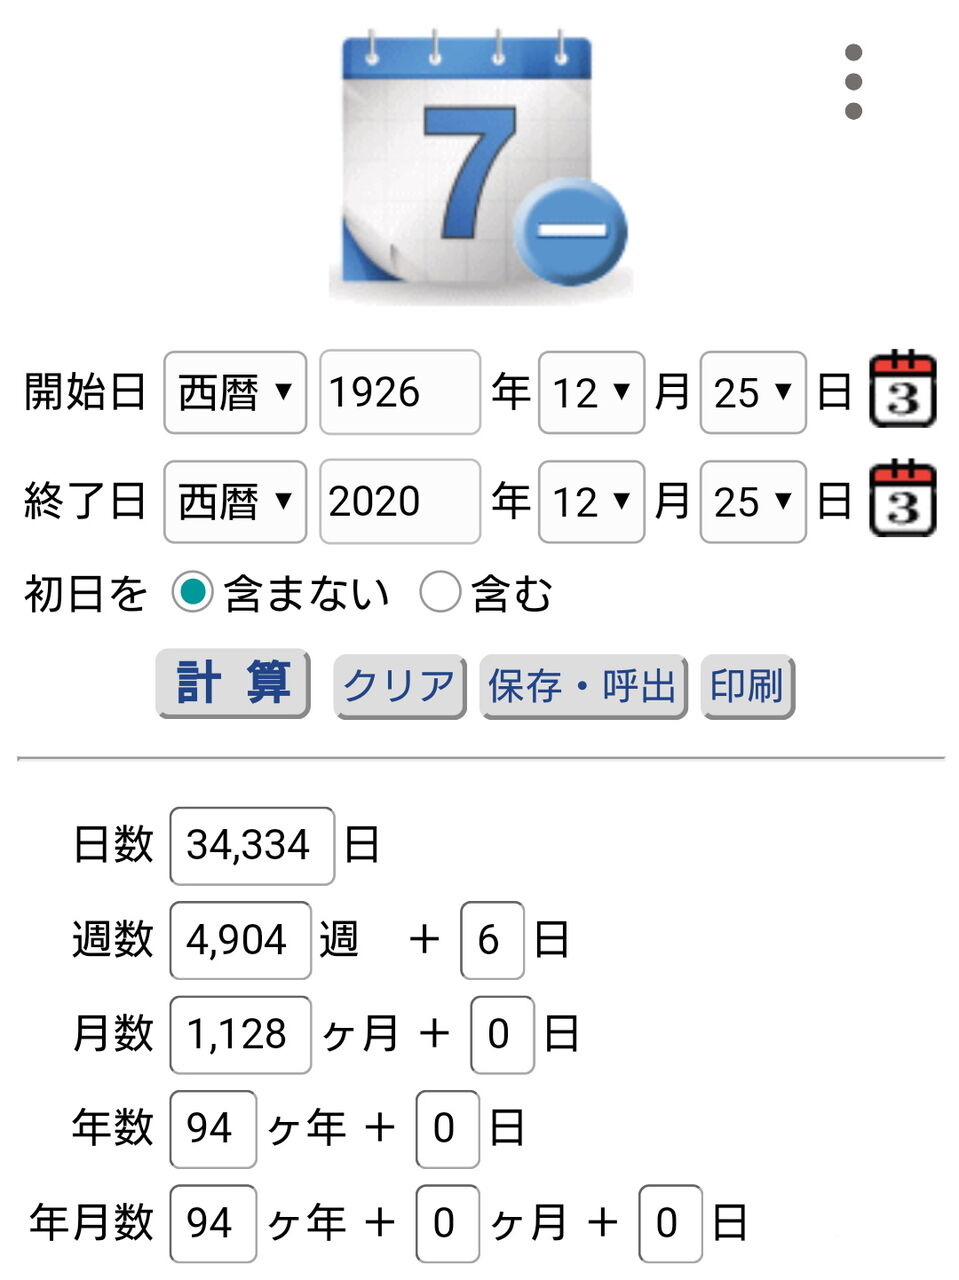 31 西暦 昭和 年